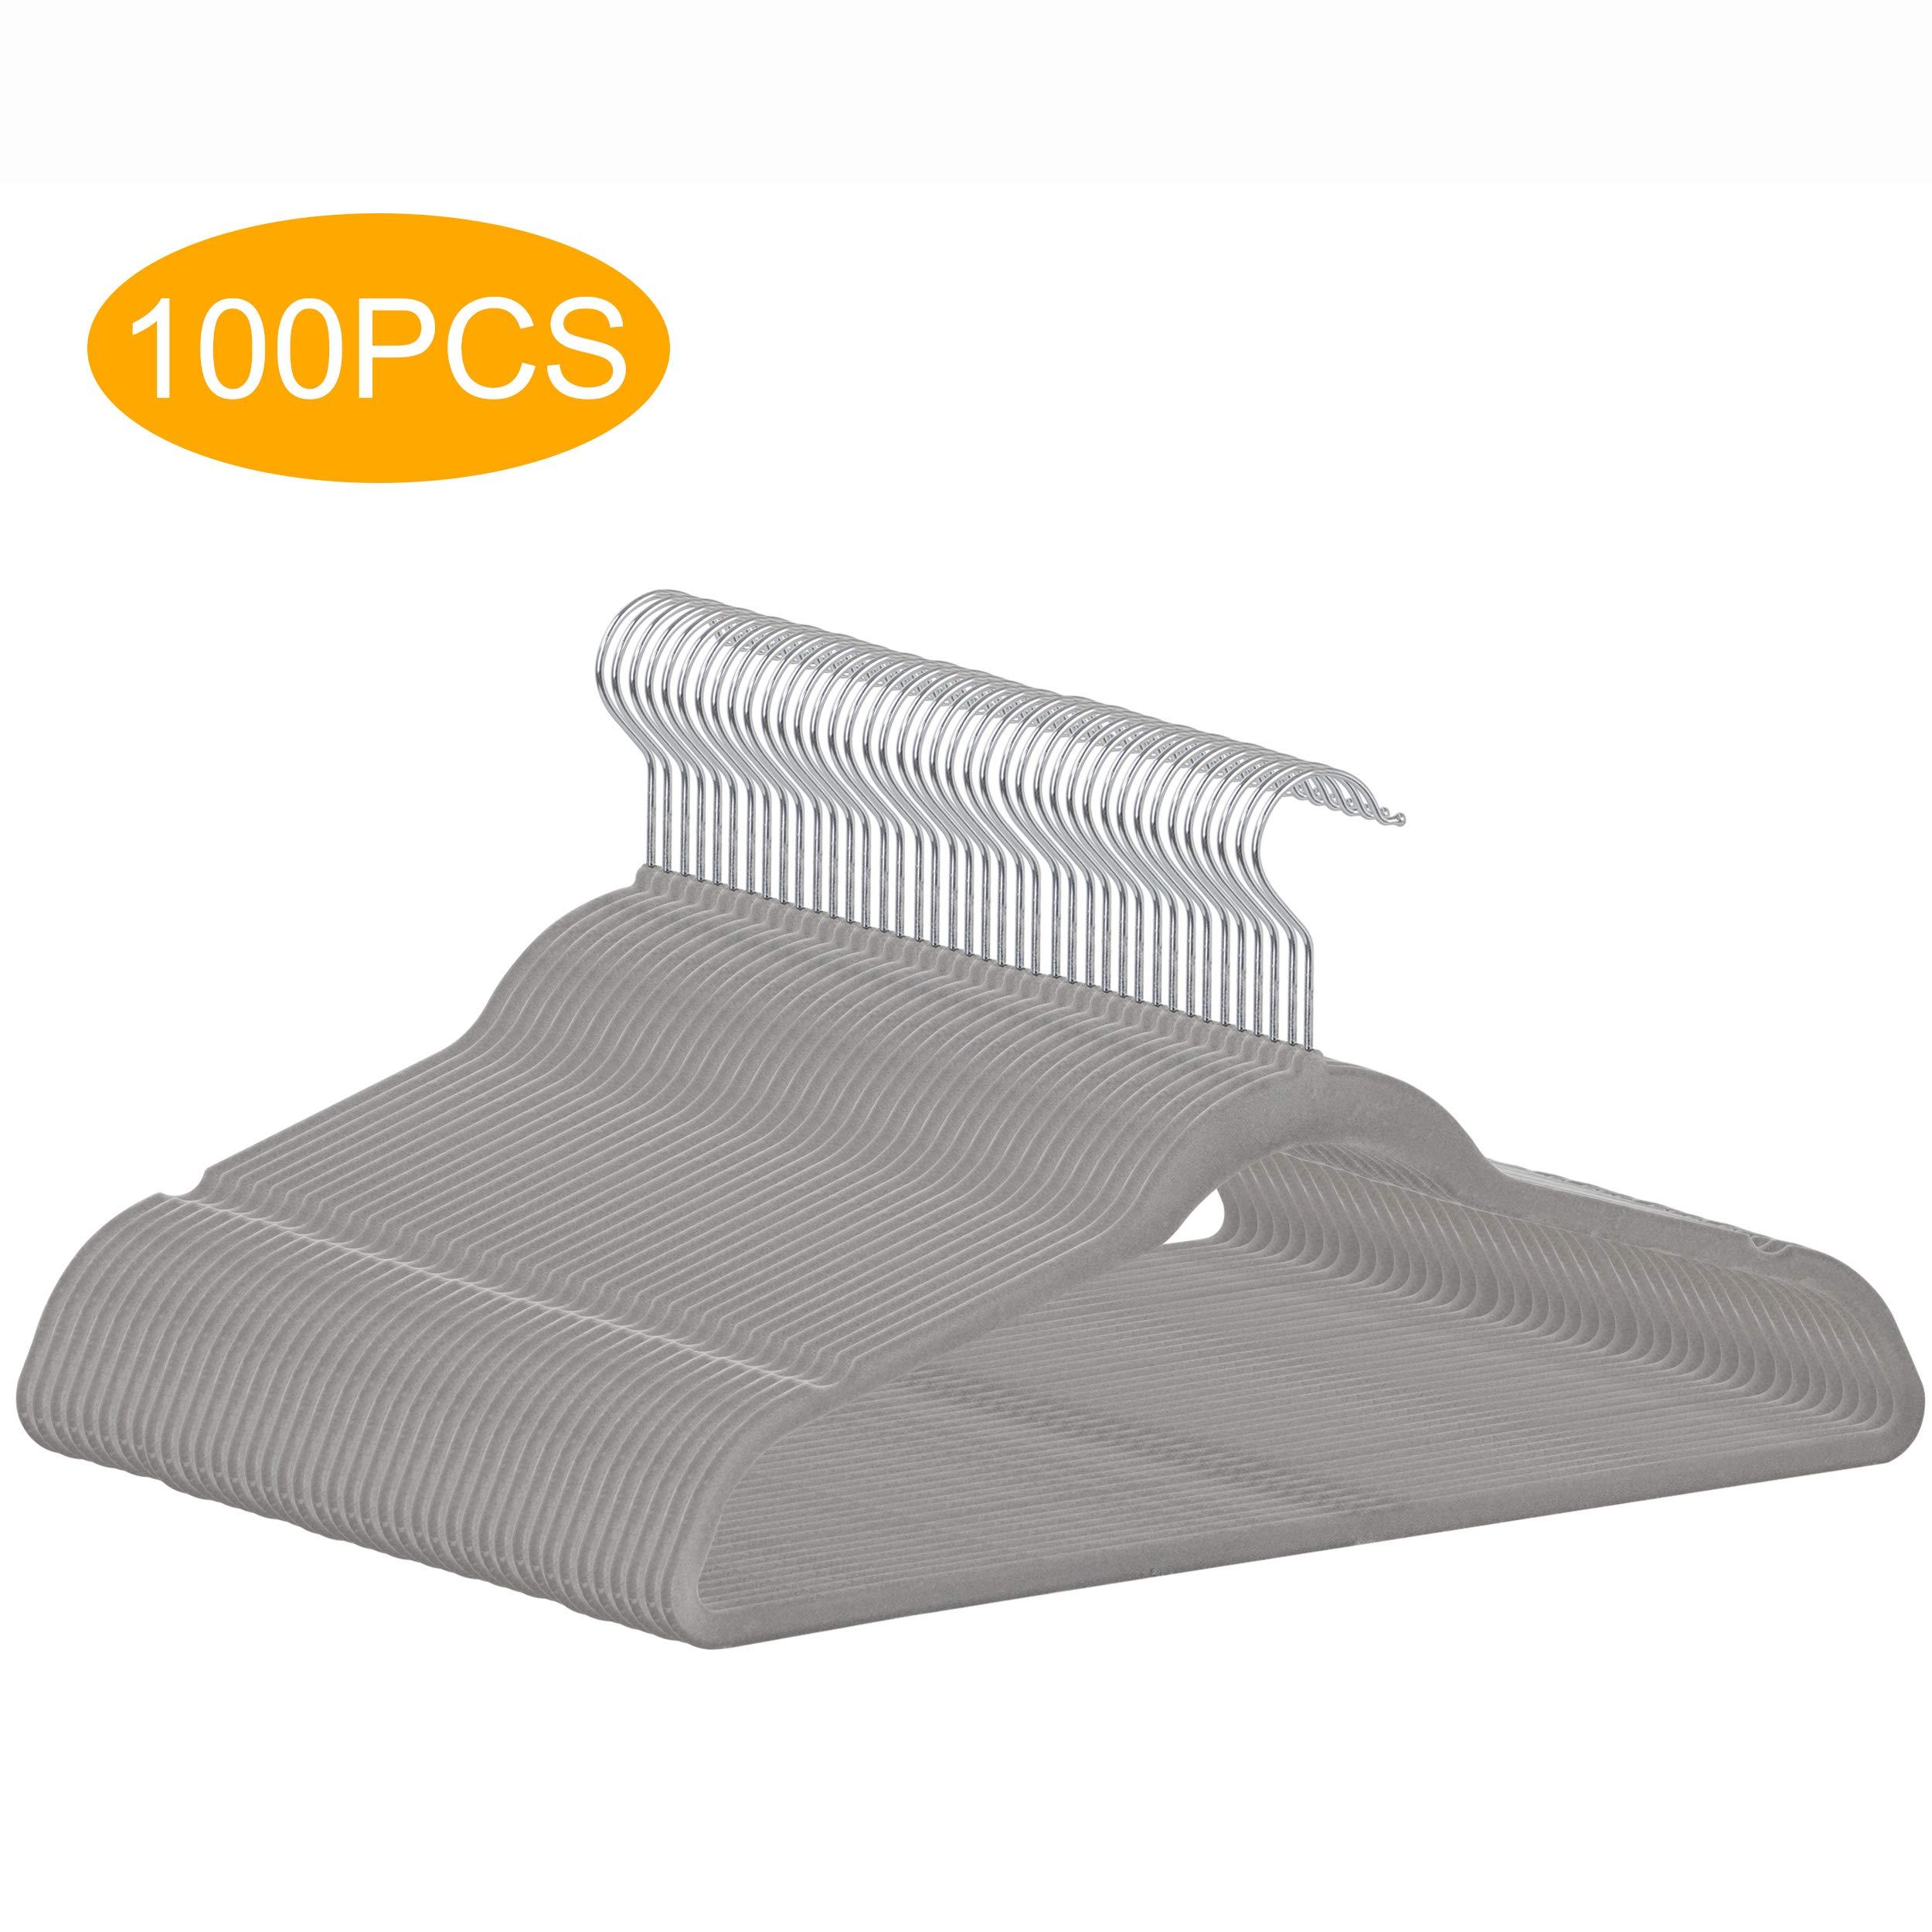 ZENSTYLE 100 Pack Ultra Thin Velvet Hangers - Non Slip Clothes Suit Hangers, 360 Degree Swivel Hook, Velvet Flocked Surface